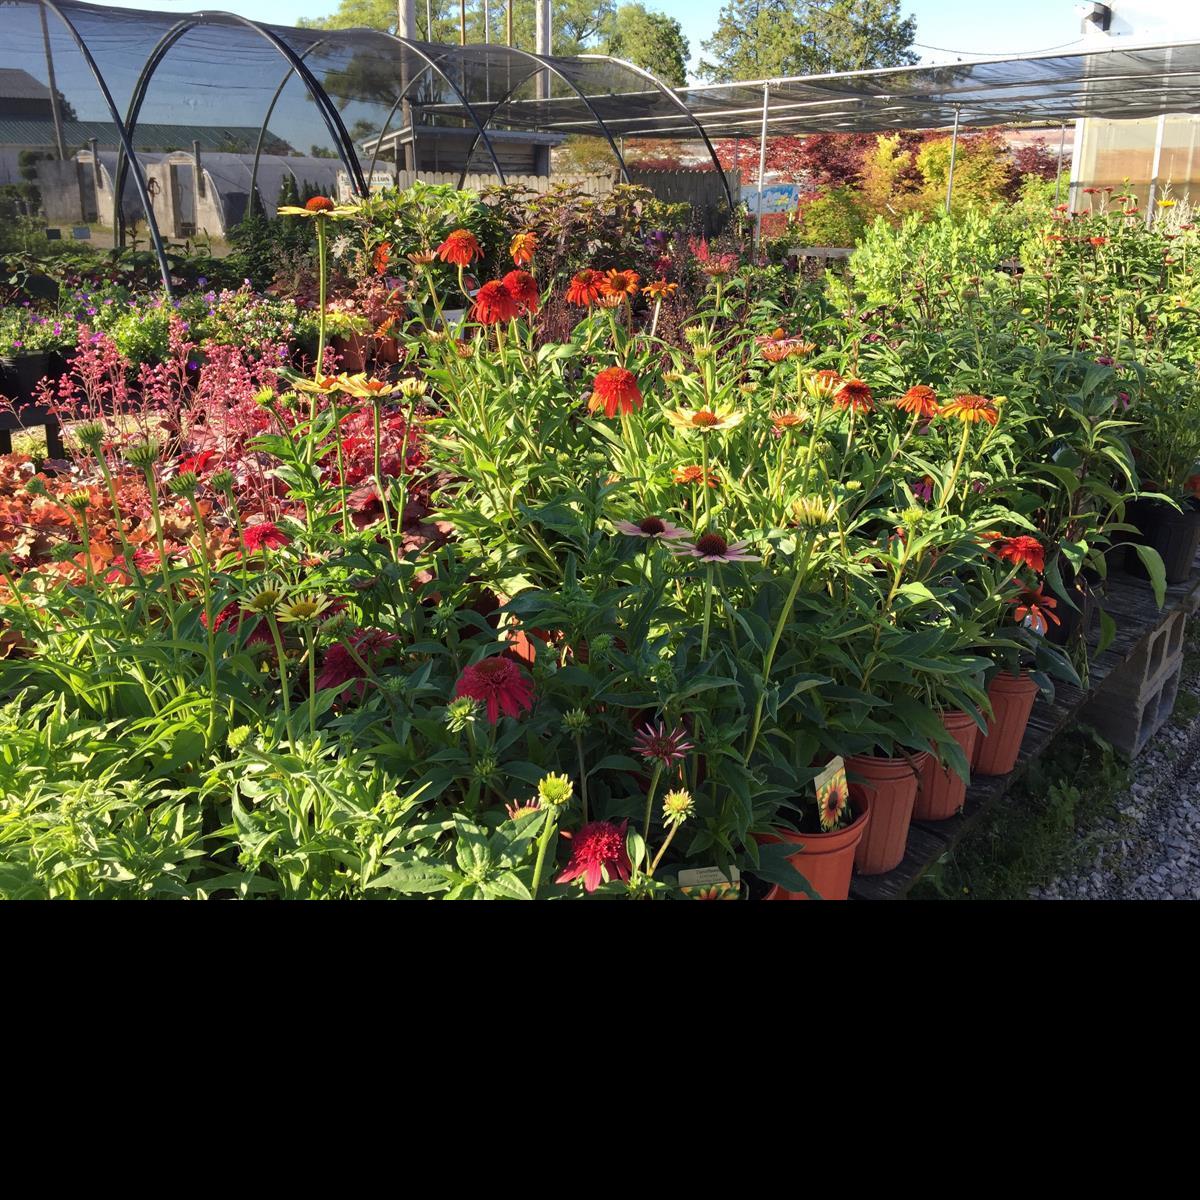 Garden_Center_Perennials_Flowers